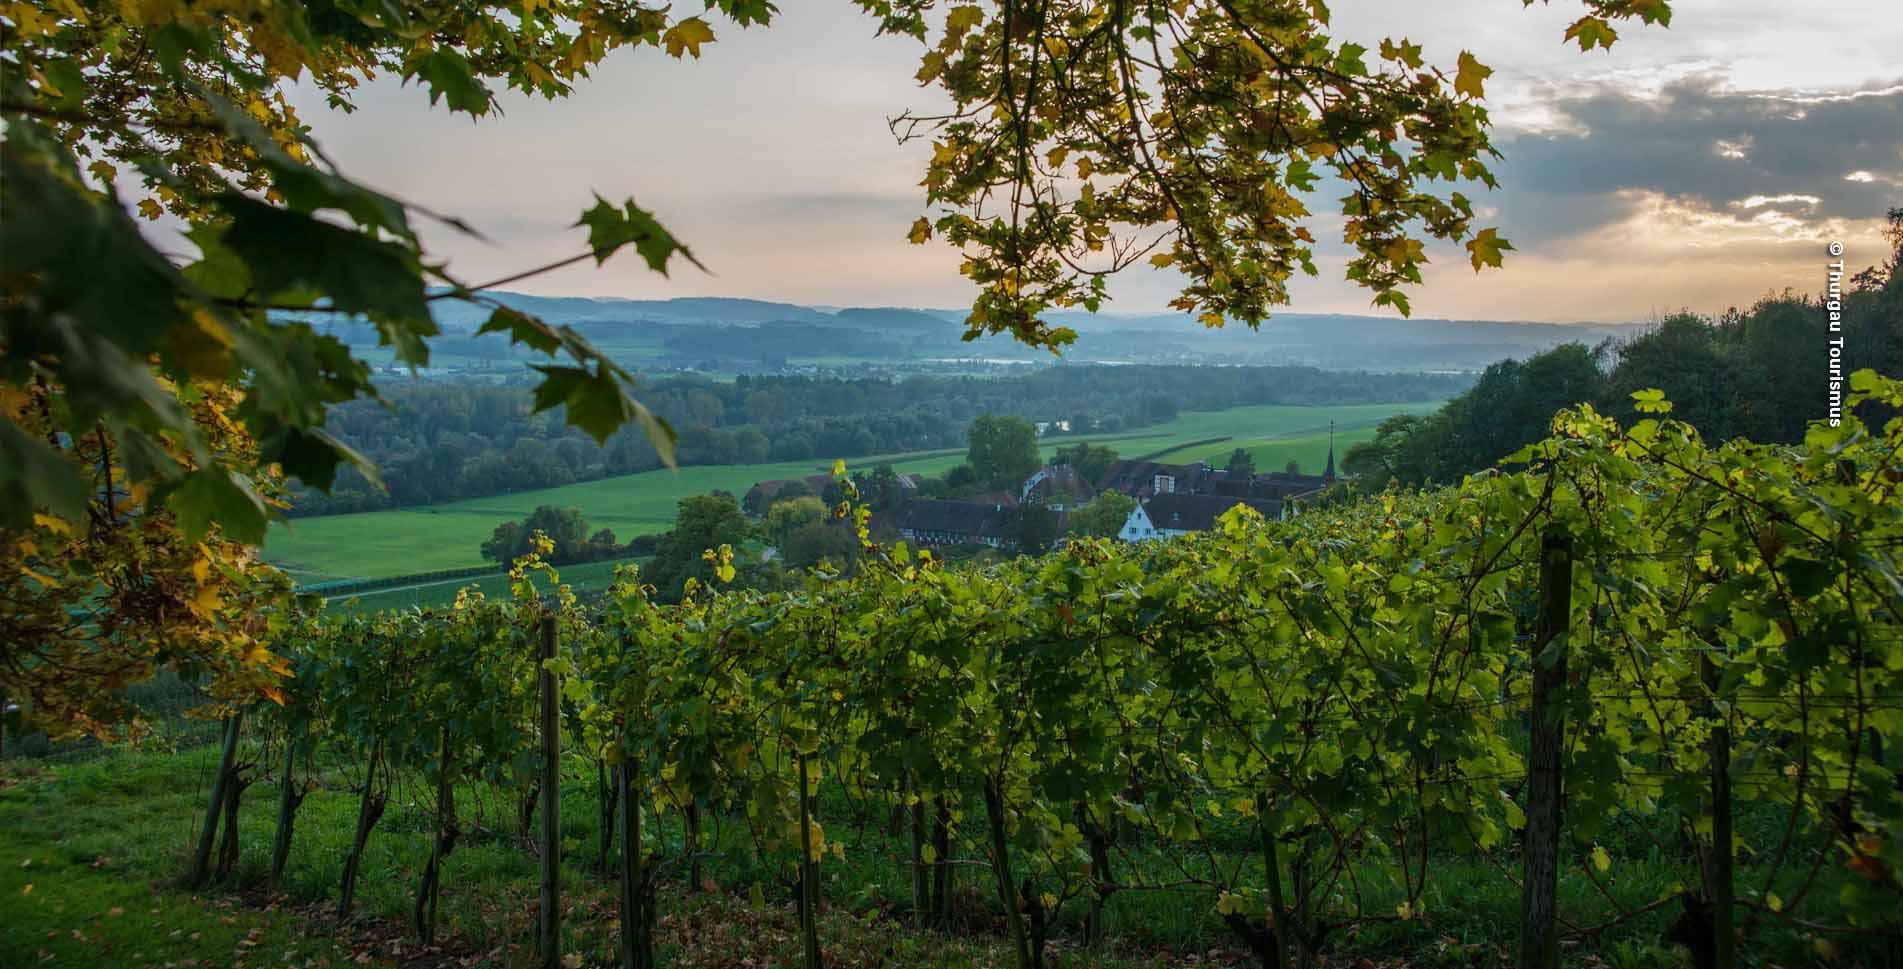 Wanderung in Thurgau von Nussbaumen TG via Nussbaumersee, Hüttwiilersee, Hasesee zur Kartause Ittingen und weiter nach Frauenfeld